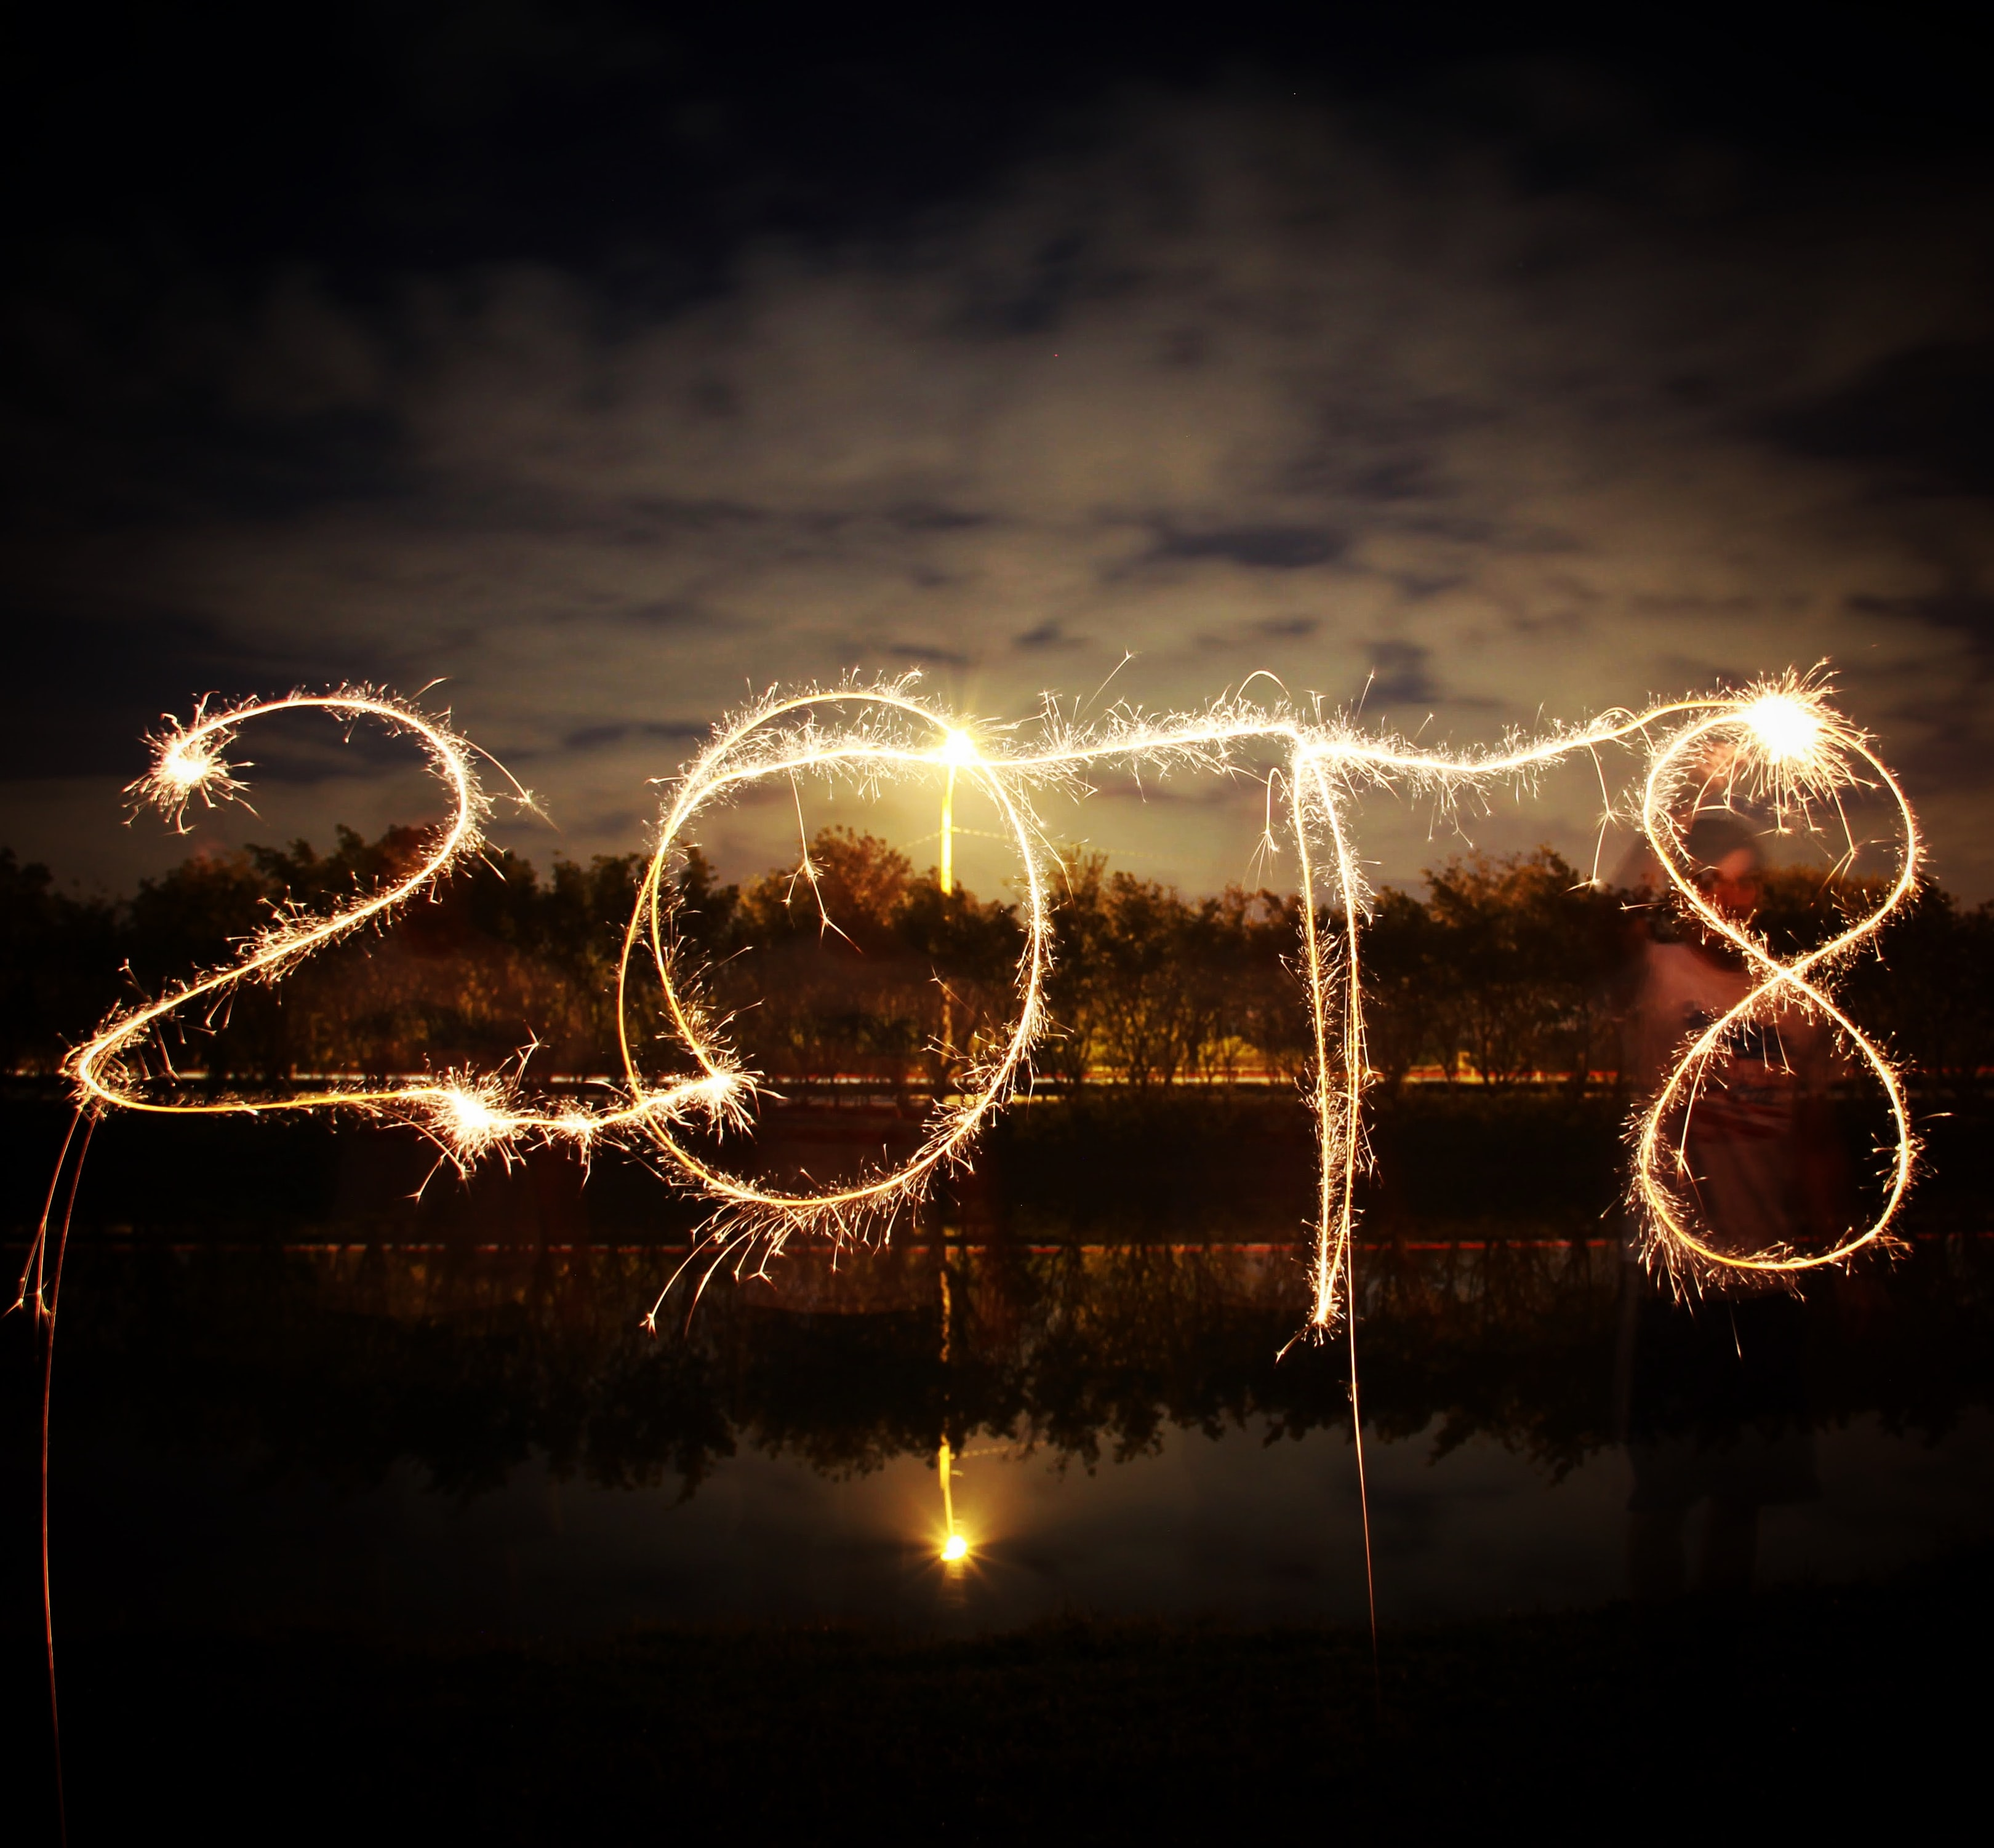 A look at 2018